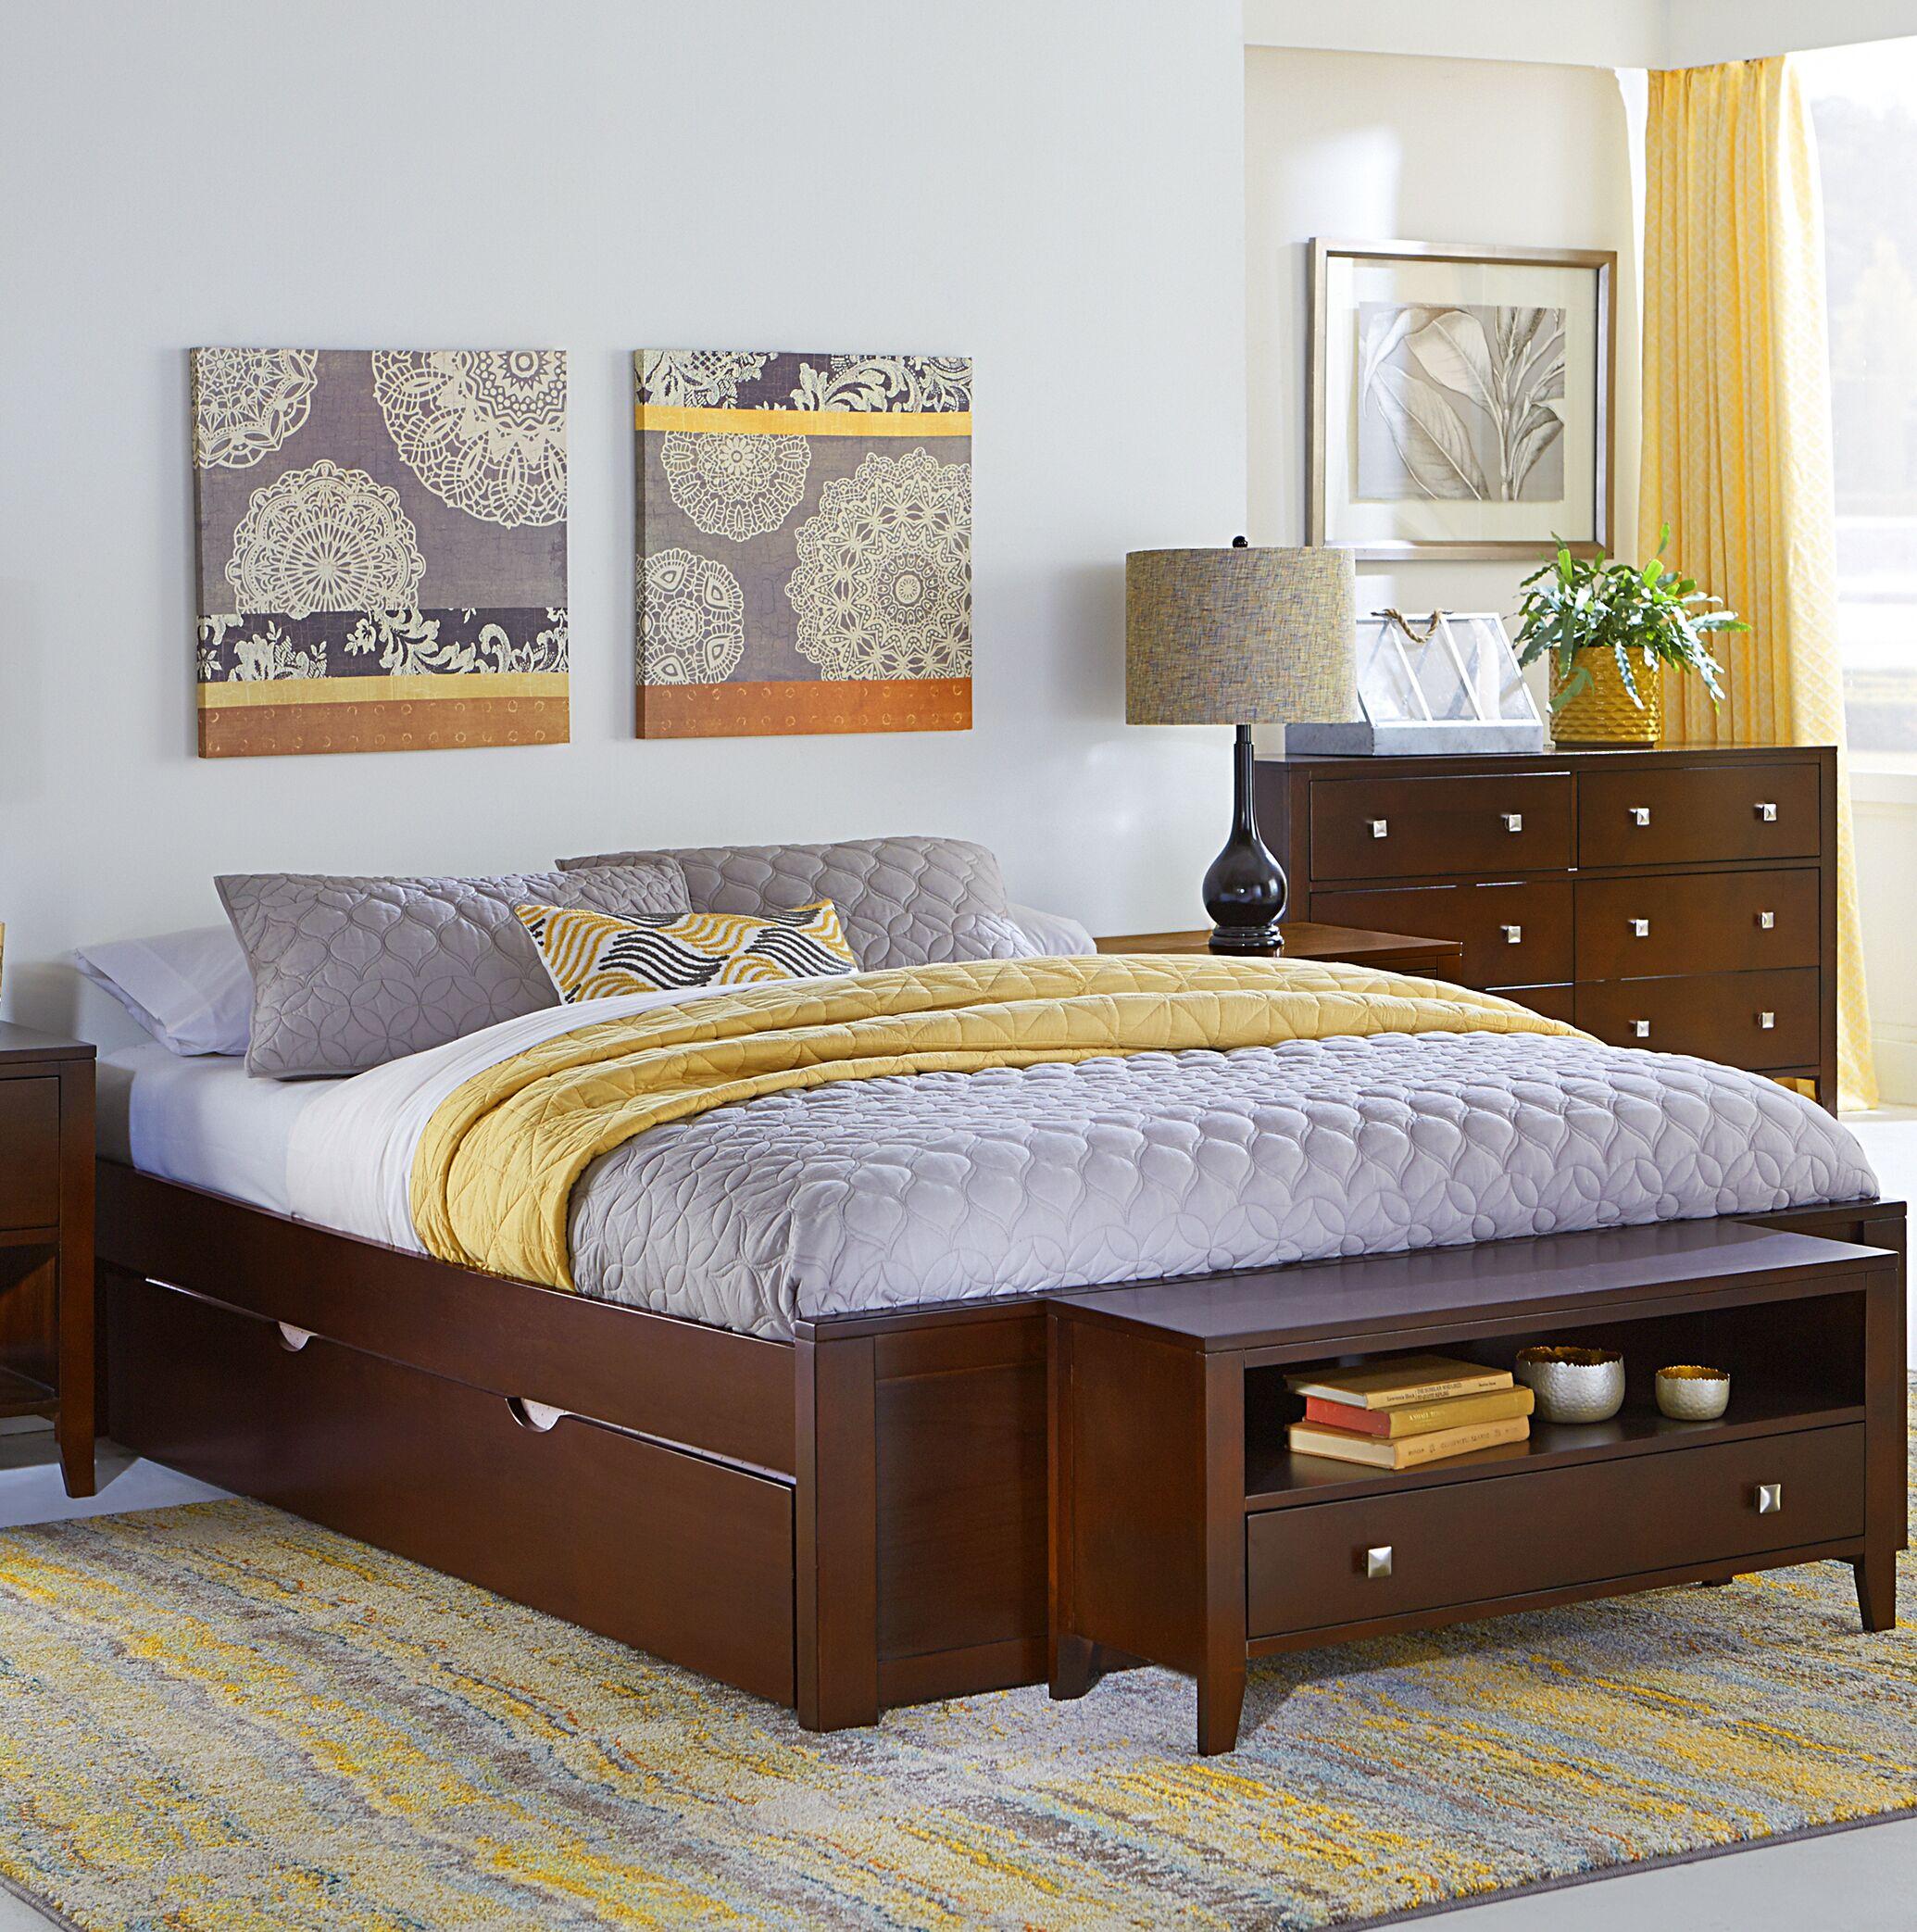 Granville Platform Bed Color: Cherry, Size: Full